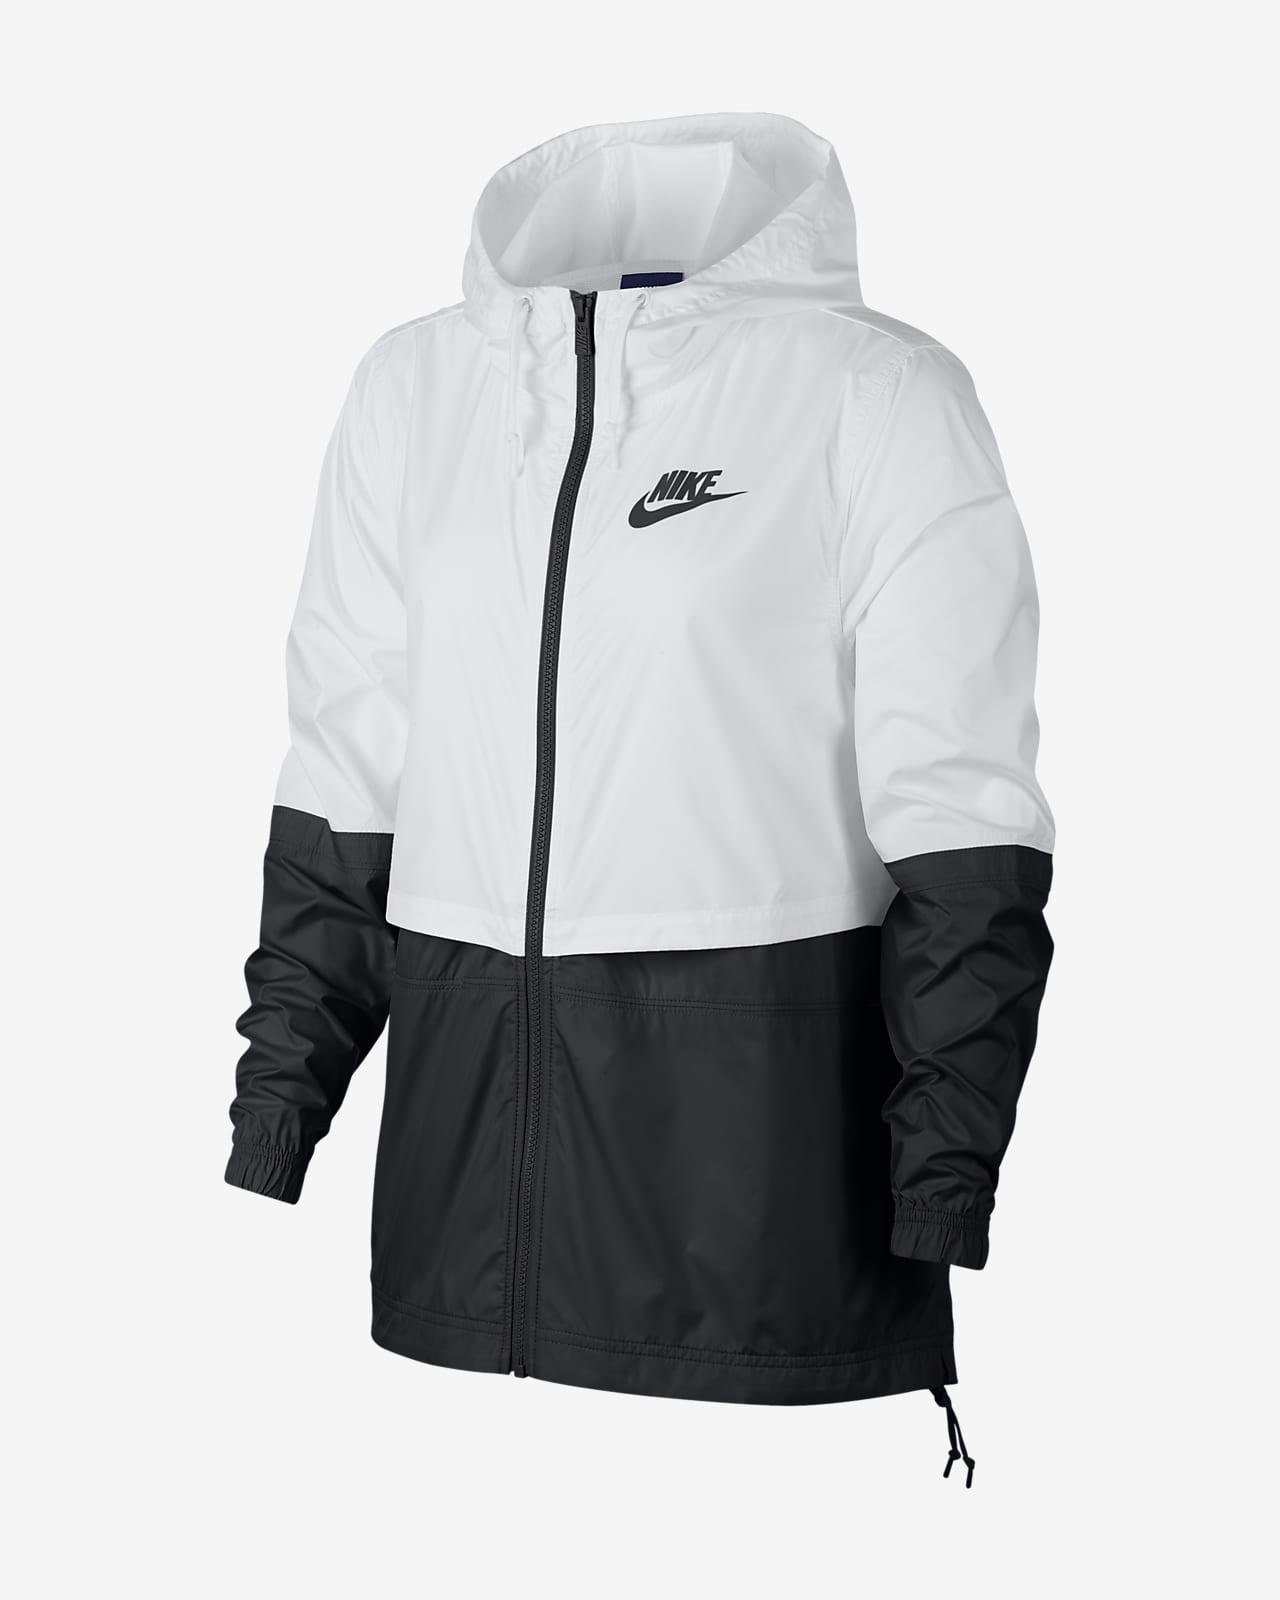 Nike Sportswear Repel Women's Woven Jacket